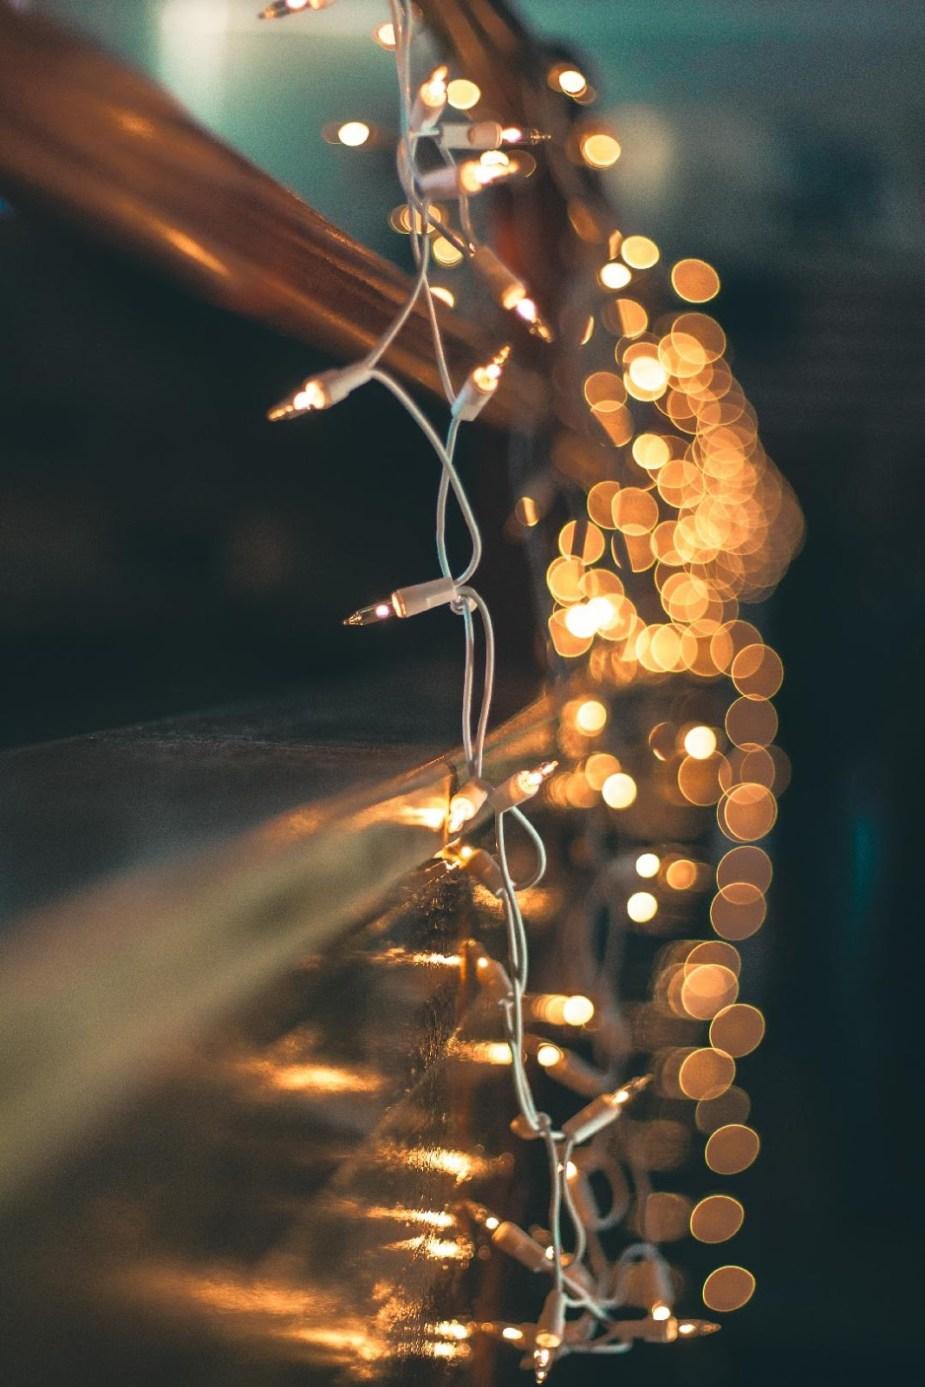 25 συμπόσιο Ποίησης (σκοτάδι-χριστούγεννα-φωτάκια)